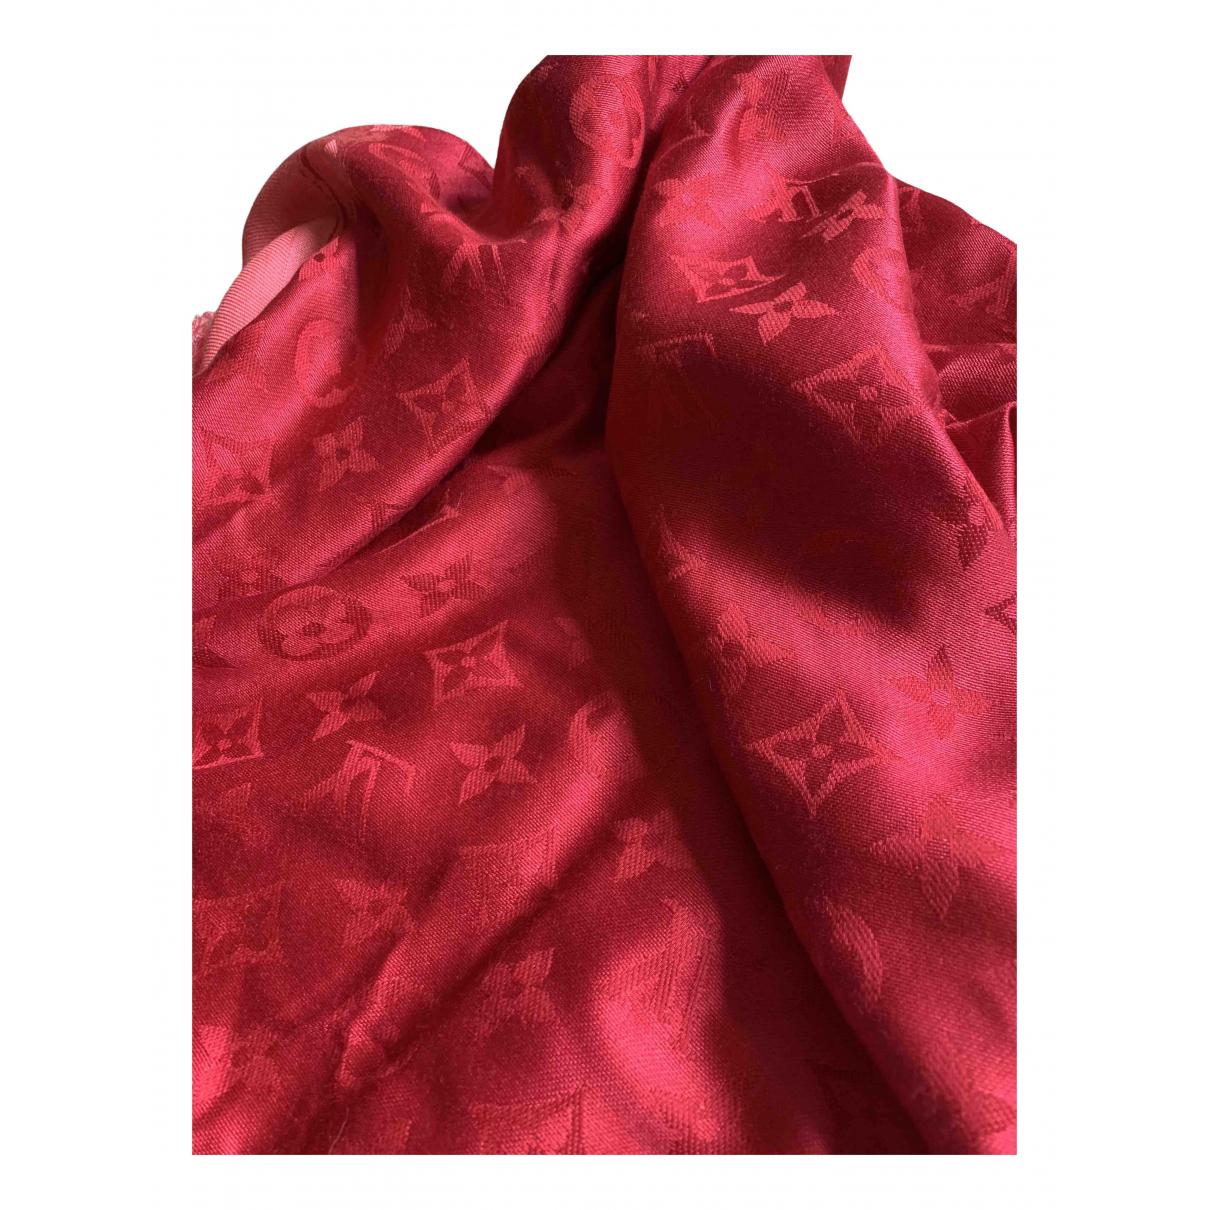 Louis Vuitton - Foulard Chale Monogram shine pour femme en soie - rouge